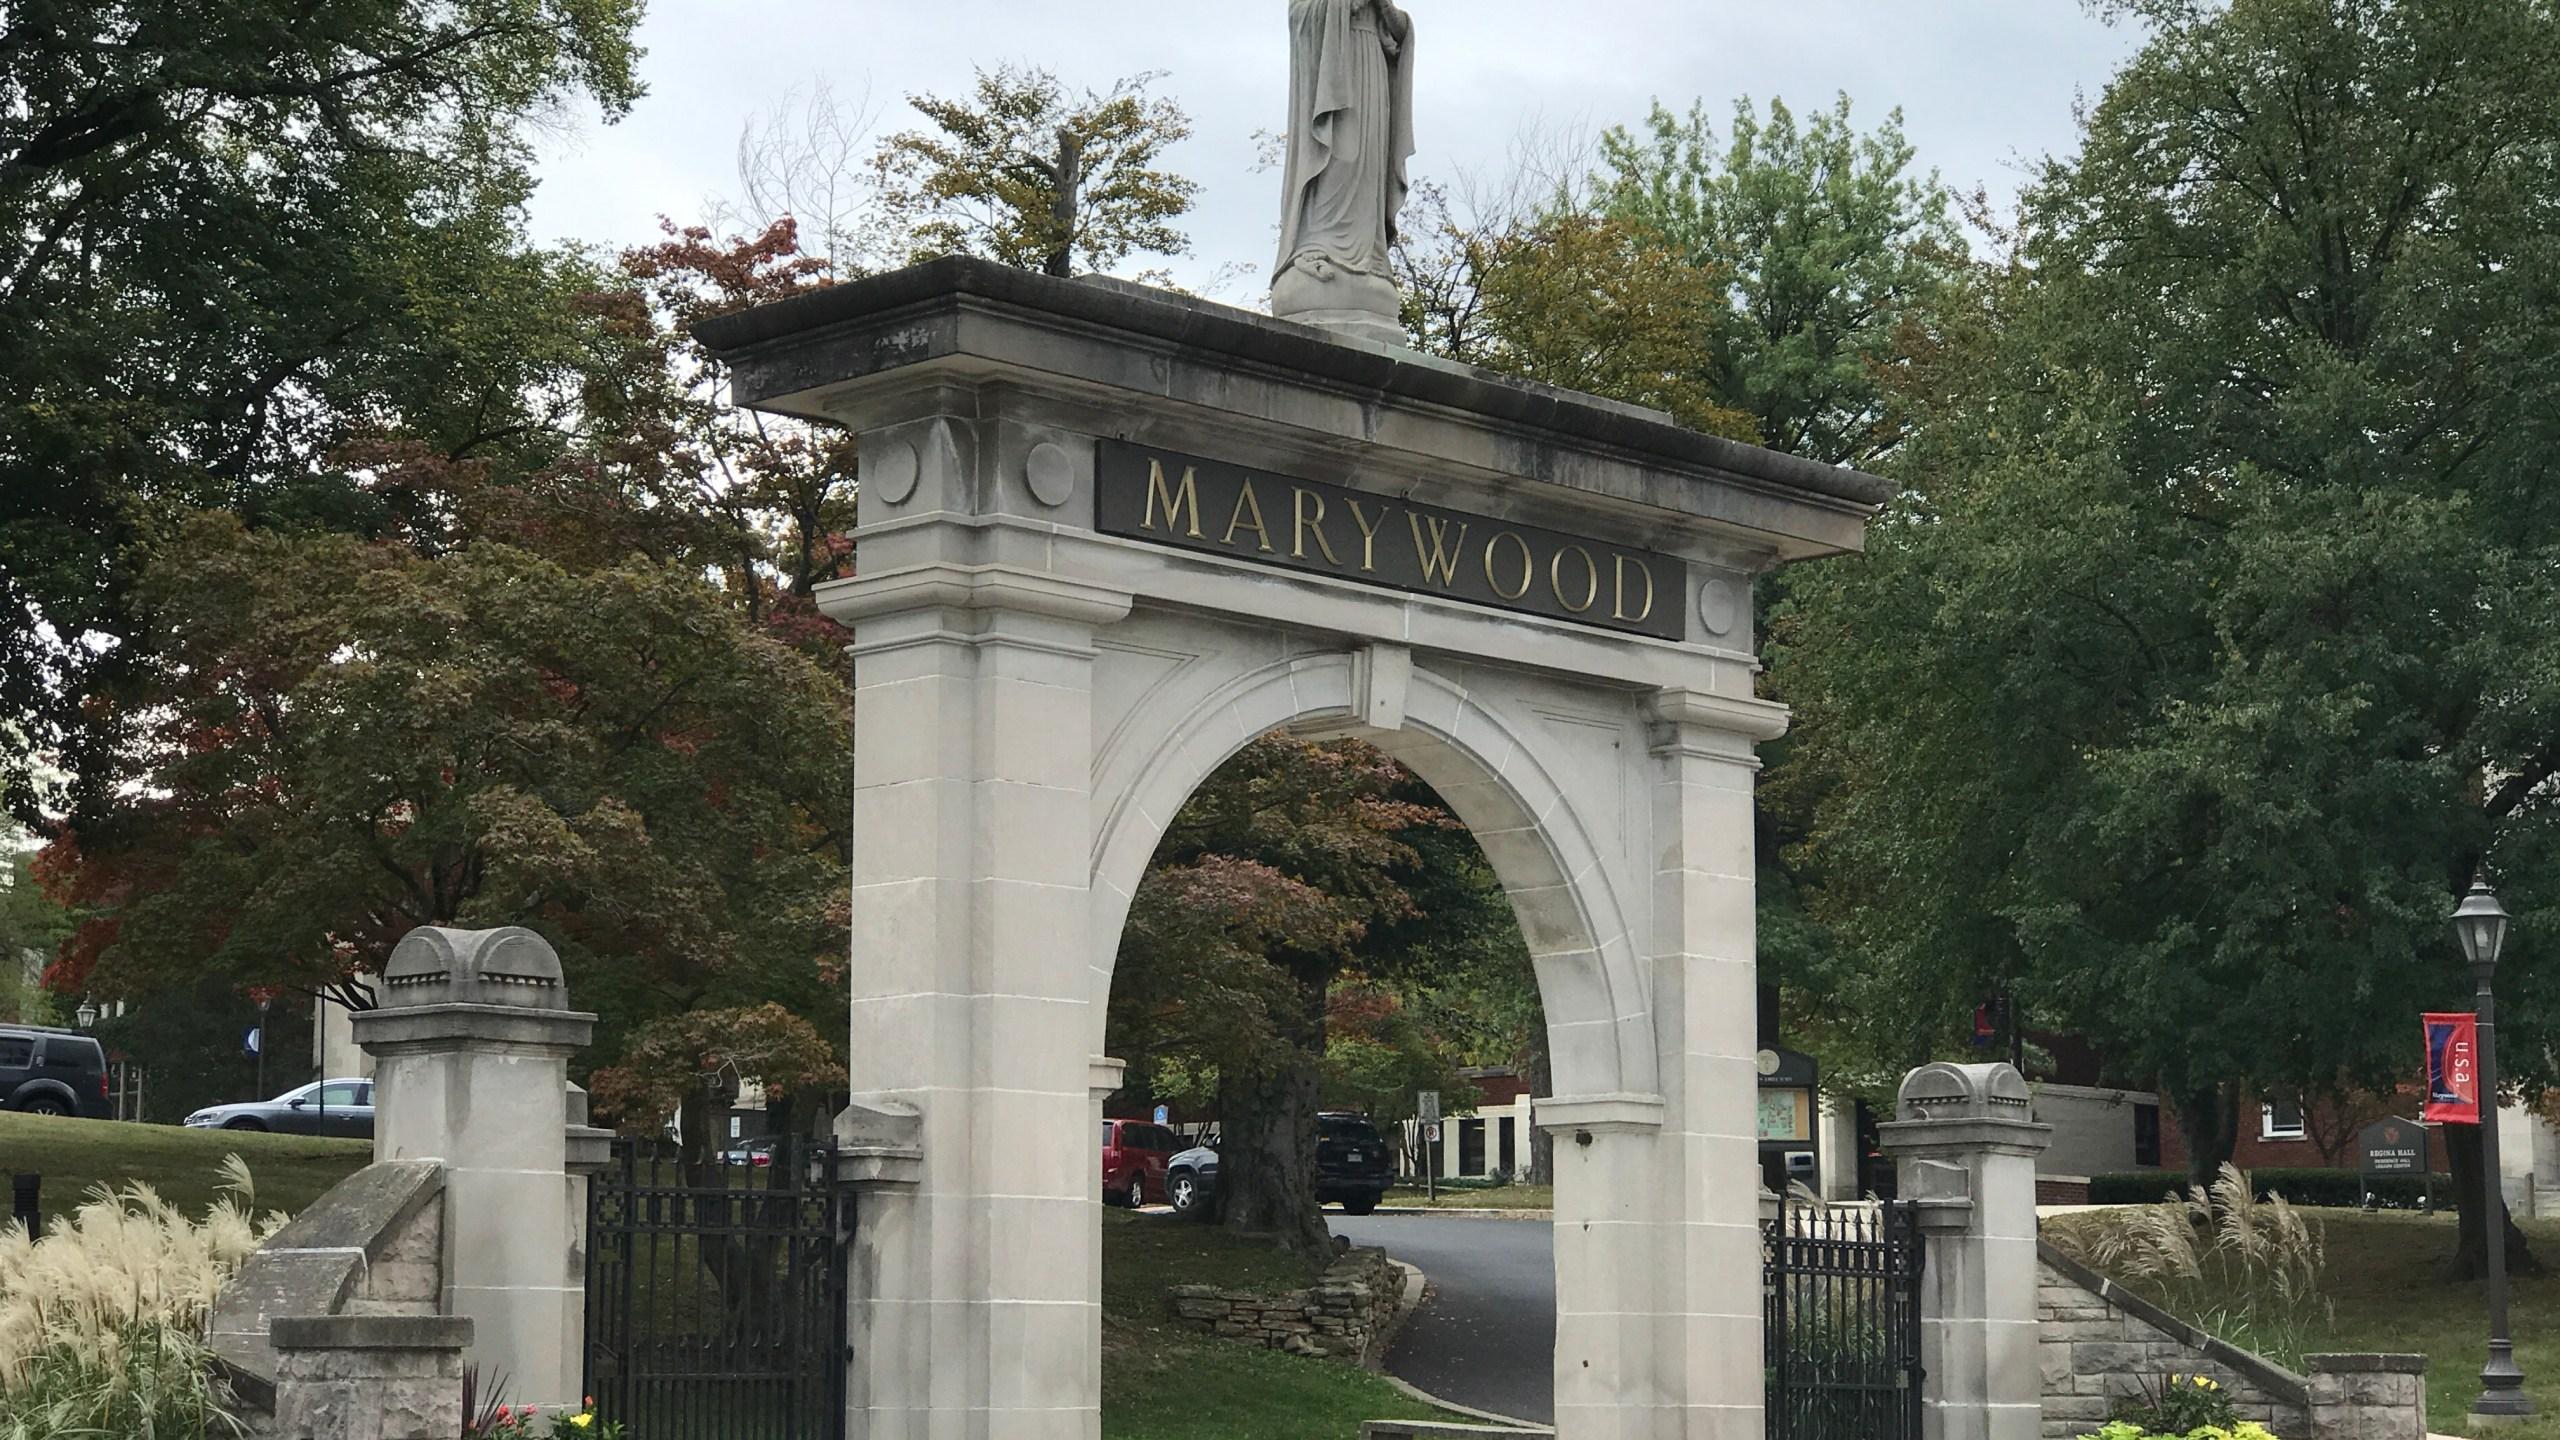 Marywood University IMG_5207_1507236059586.JPG